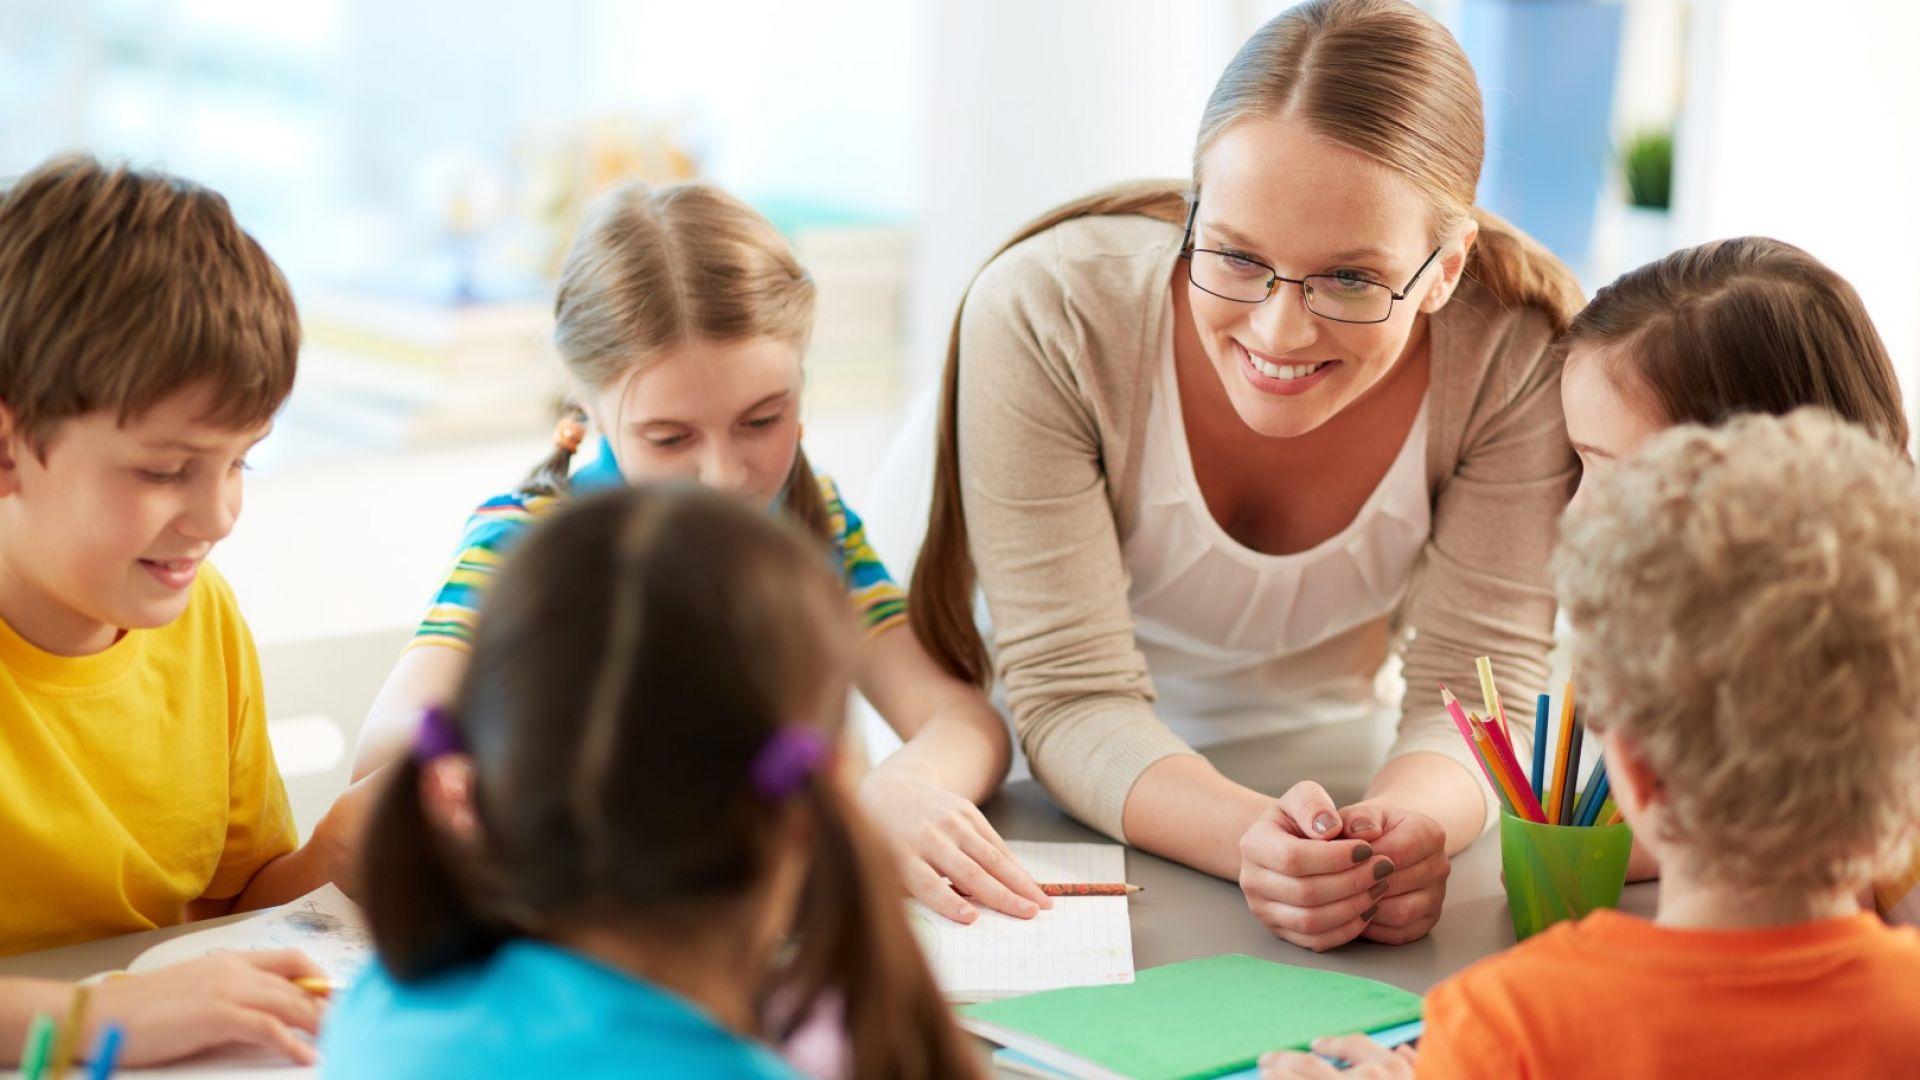 Германия в най-голямата криза за учители от 30 години насам